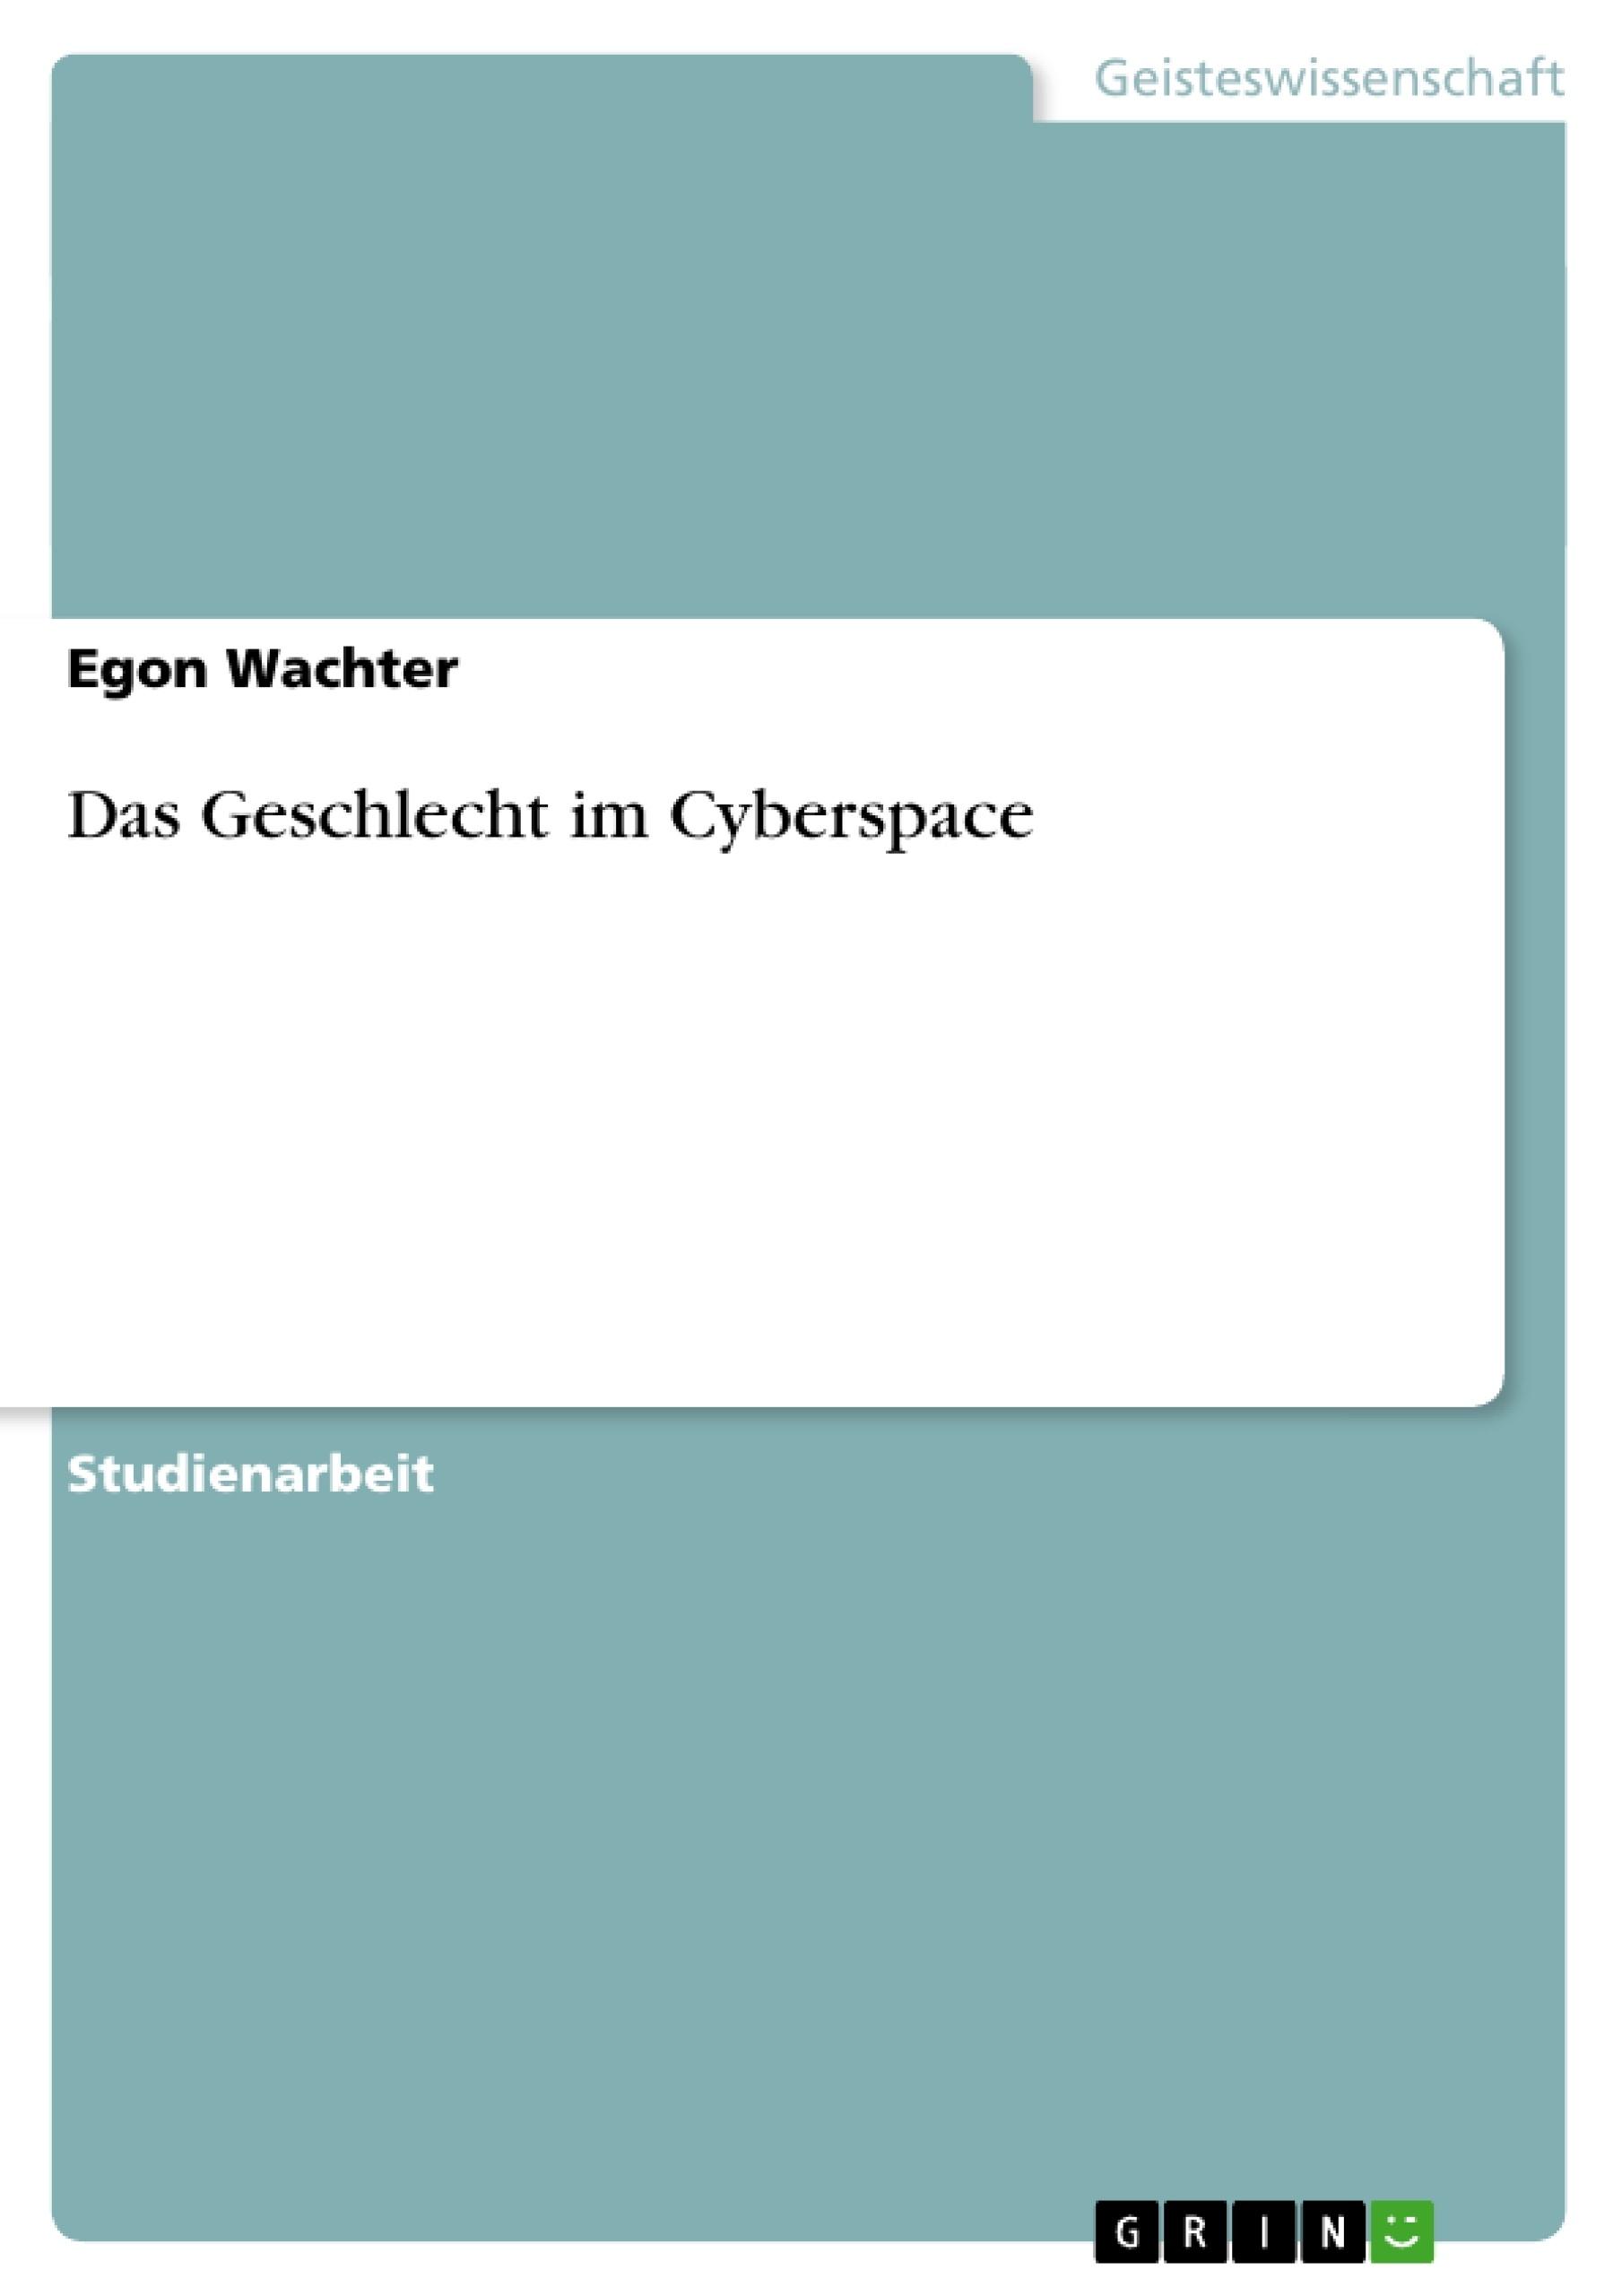 Titel: Das Geschlecht im Cyberspace